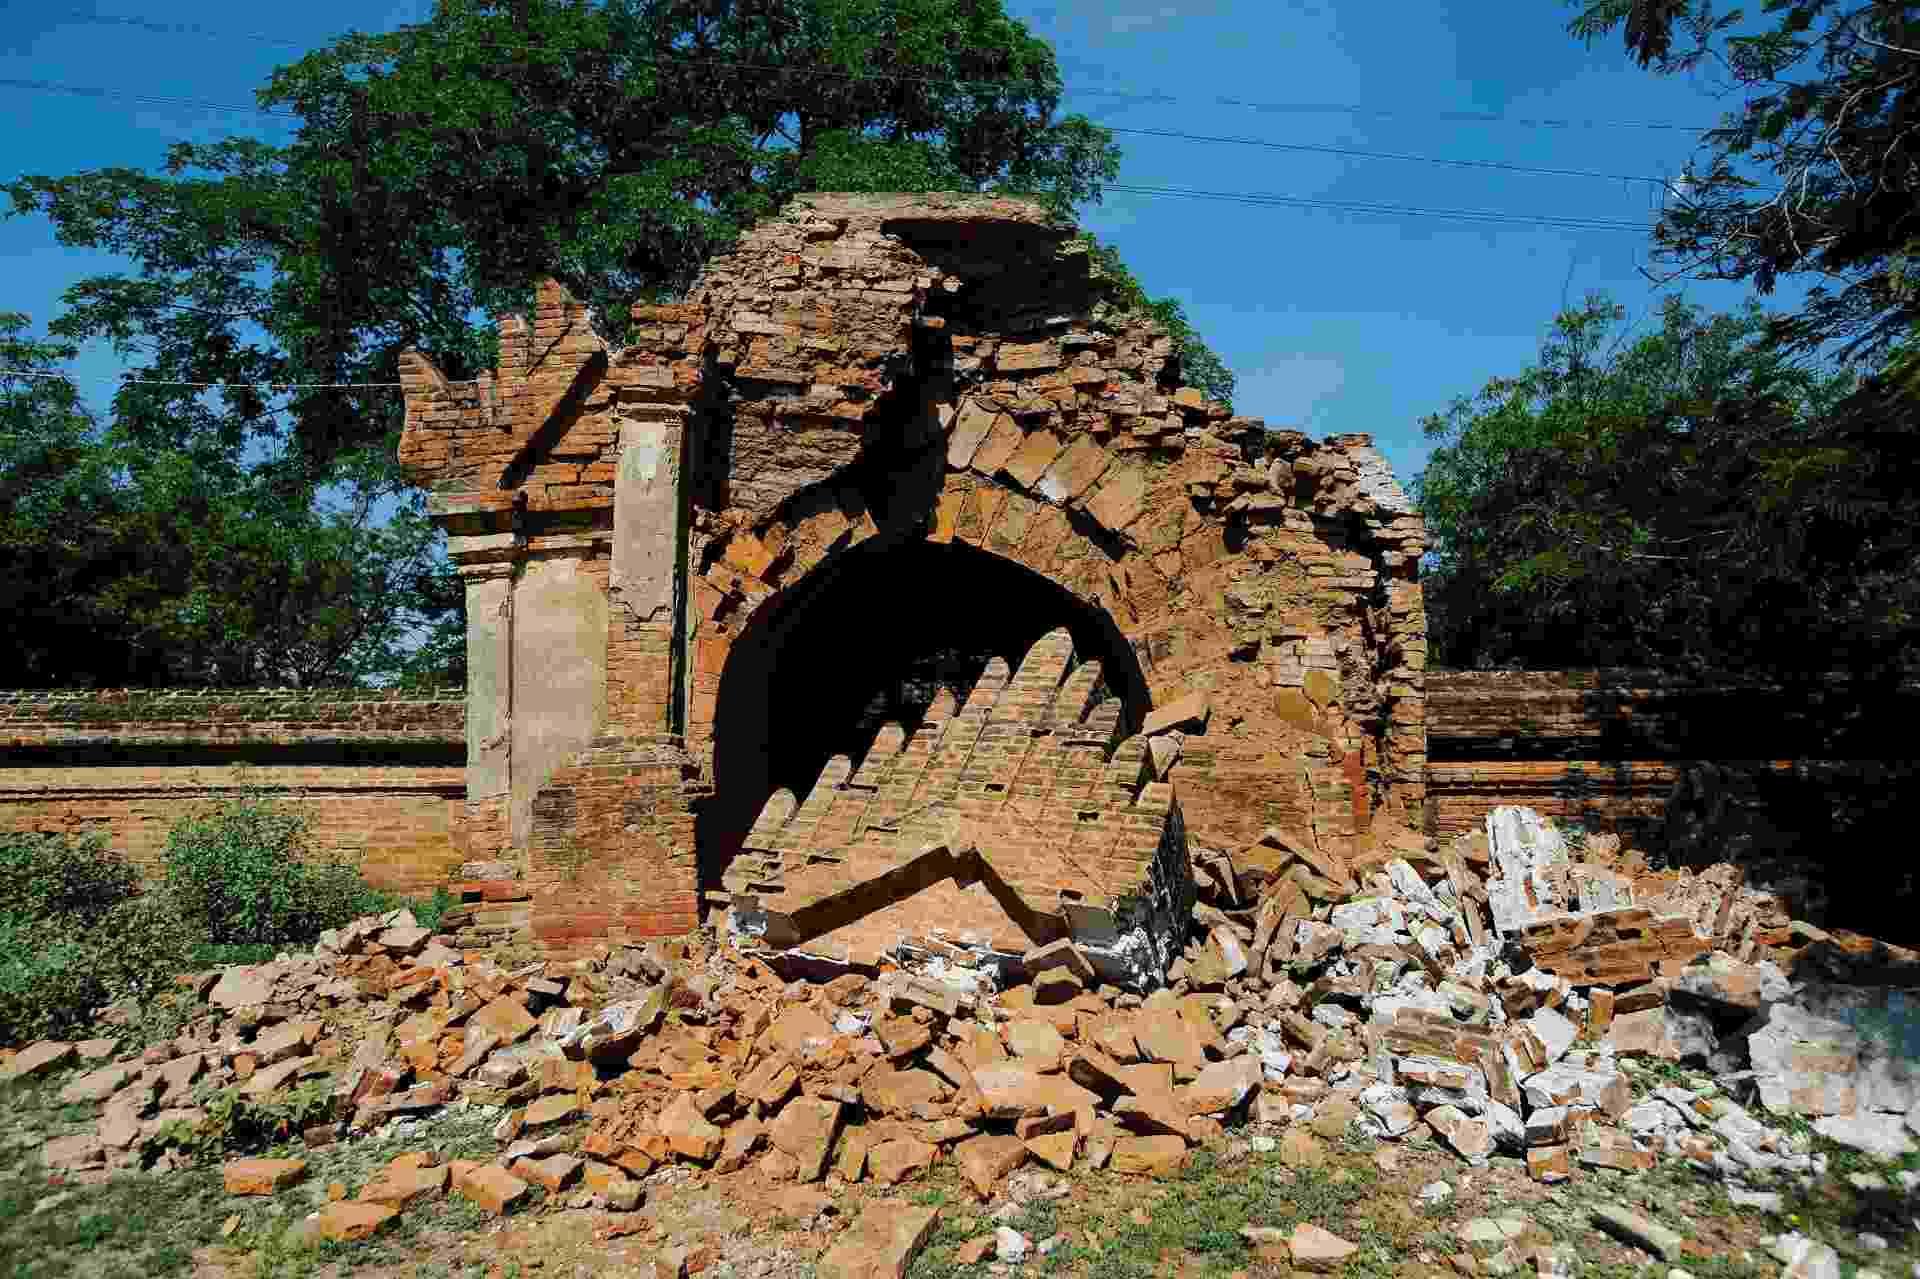 25.ago.2016 - Templo foi parcialmente destruído em sítio arqueológico de Bagan, em Mianmar. Um terremoto de magnitude 6,8 na escala Richter atingiu o país e danificou quase cem templos centenários da região - Soe Zeya Tun/Reuters